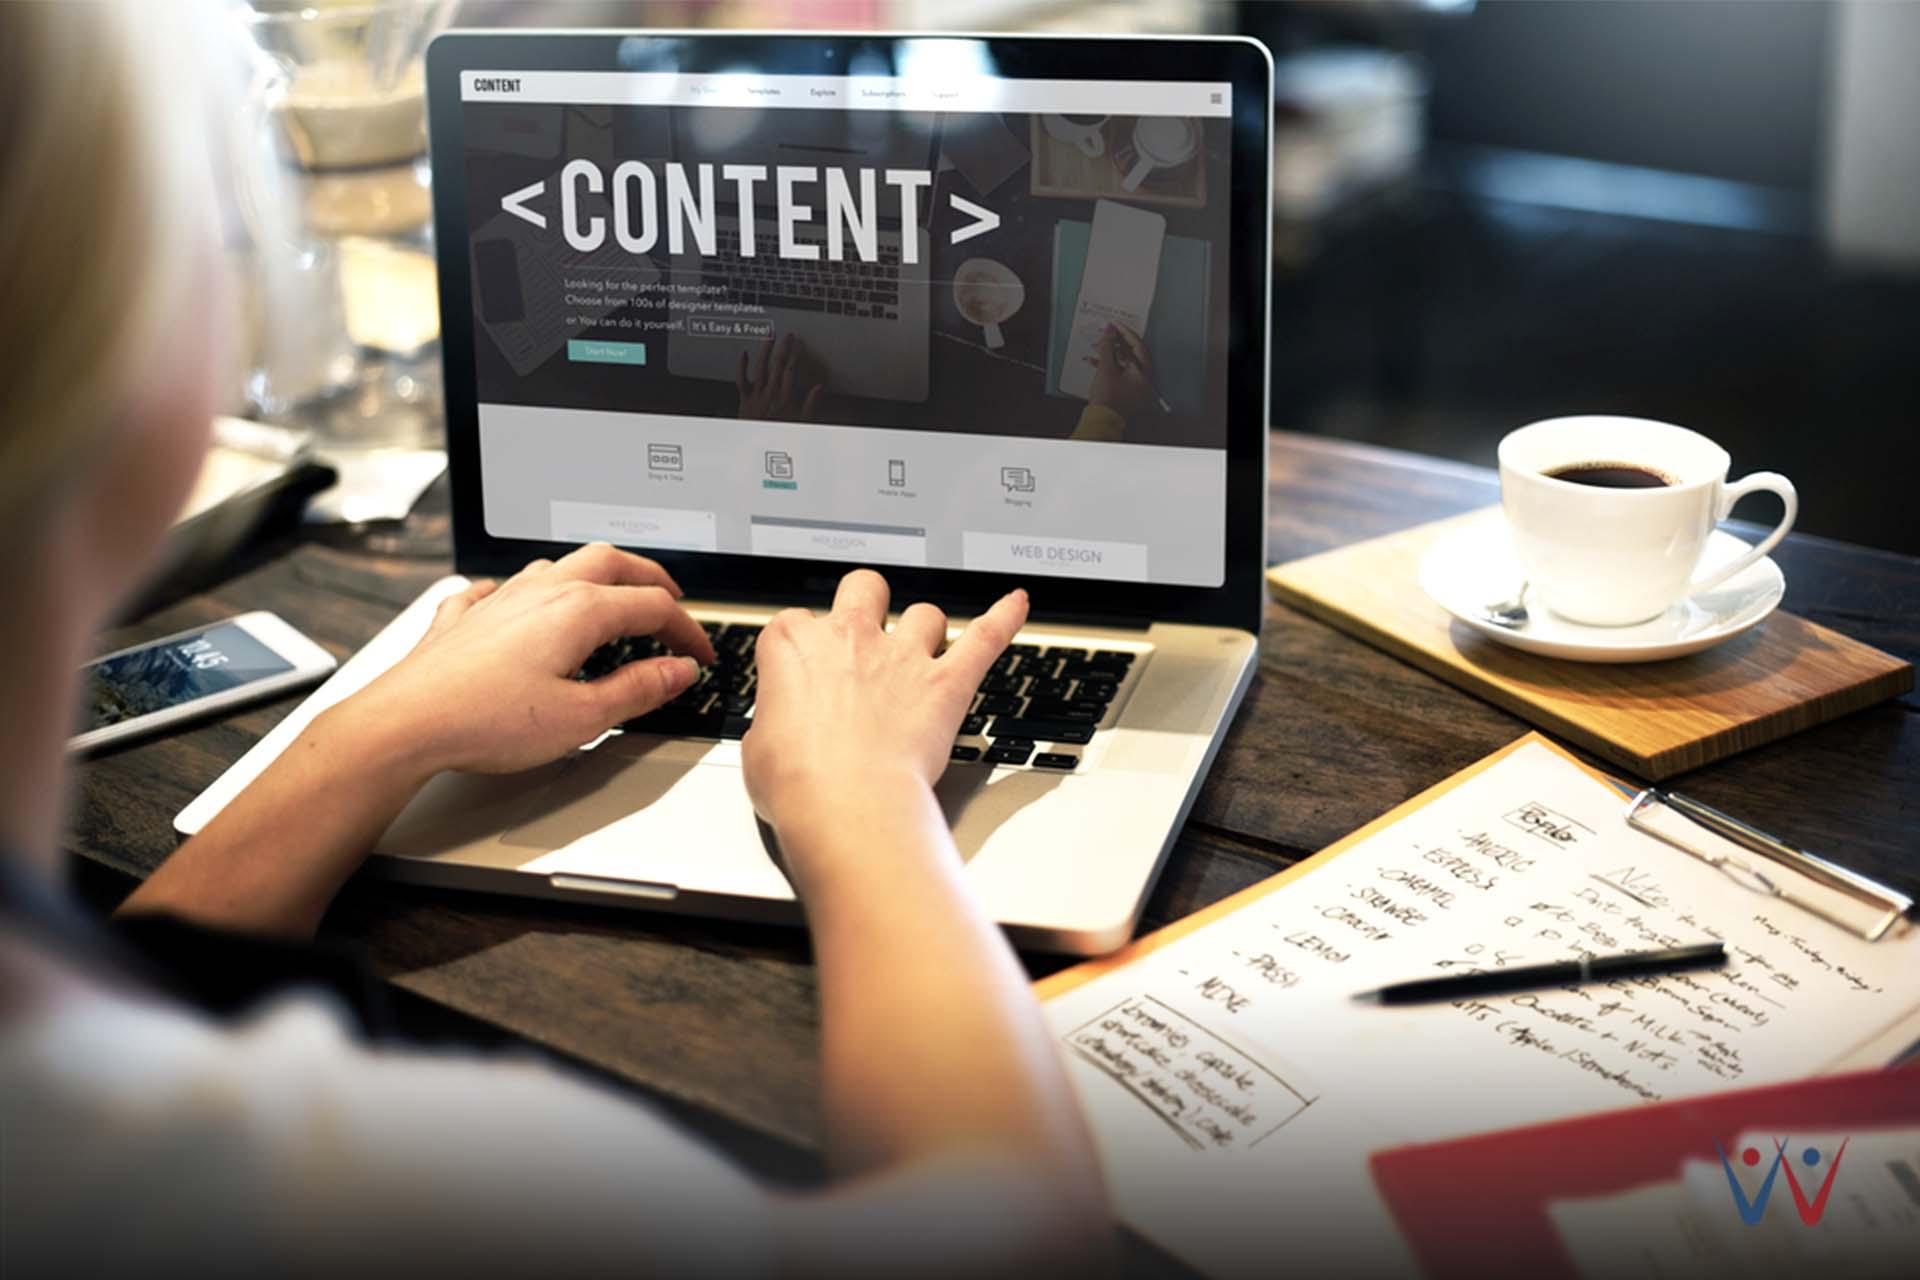 konten - laptop - strategi marketing